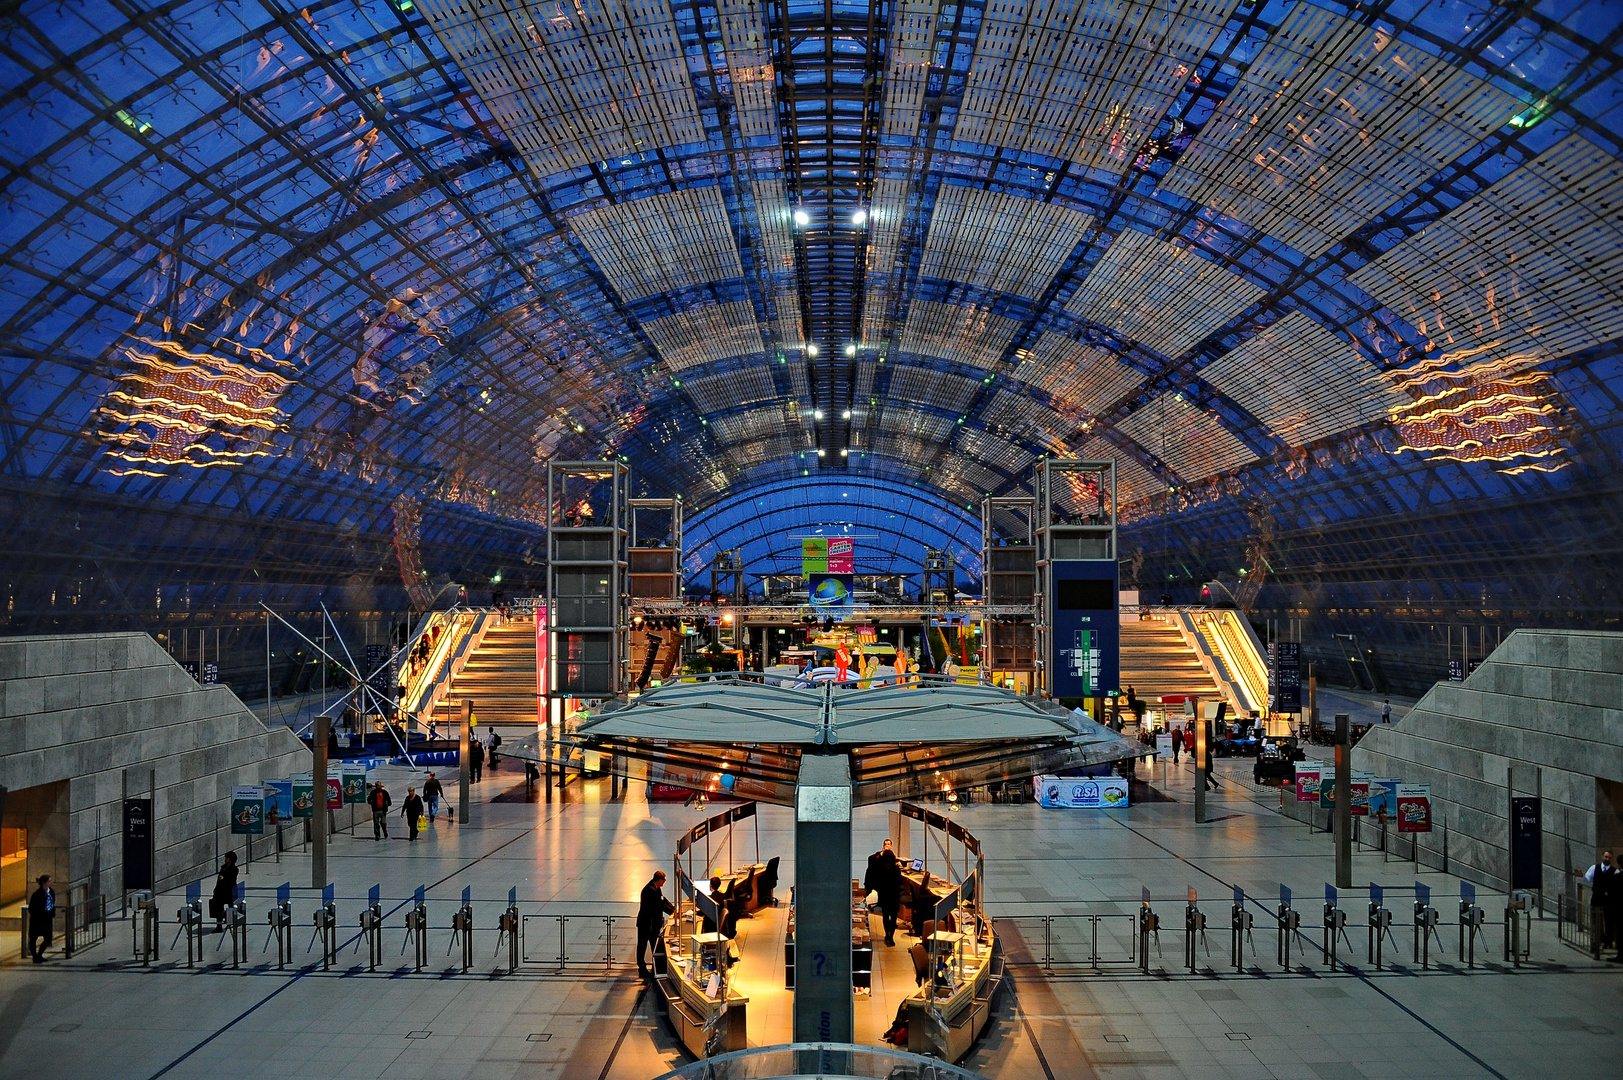 Neue Messe Leipzig - Glashalle Foto & Bild   architektur